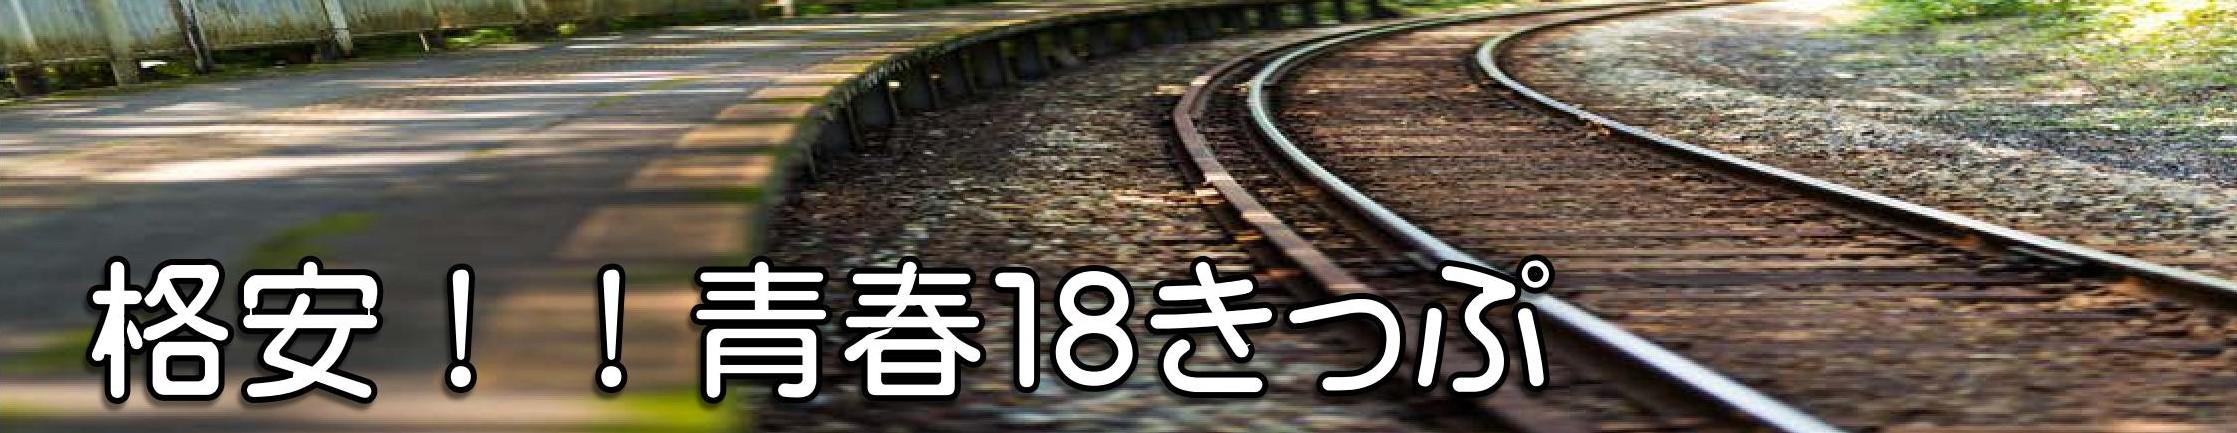 豊橋金券ショップフリーチケット・格安青春18きっぷ